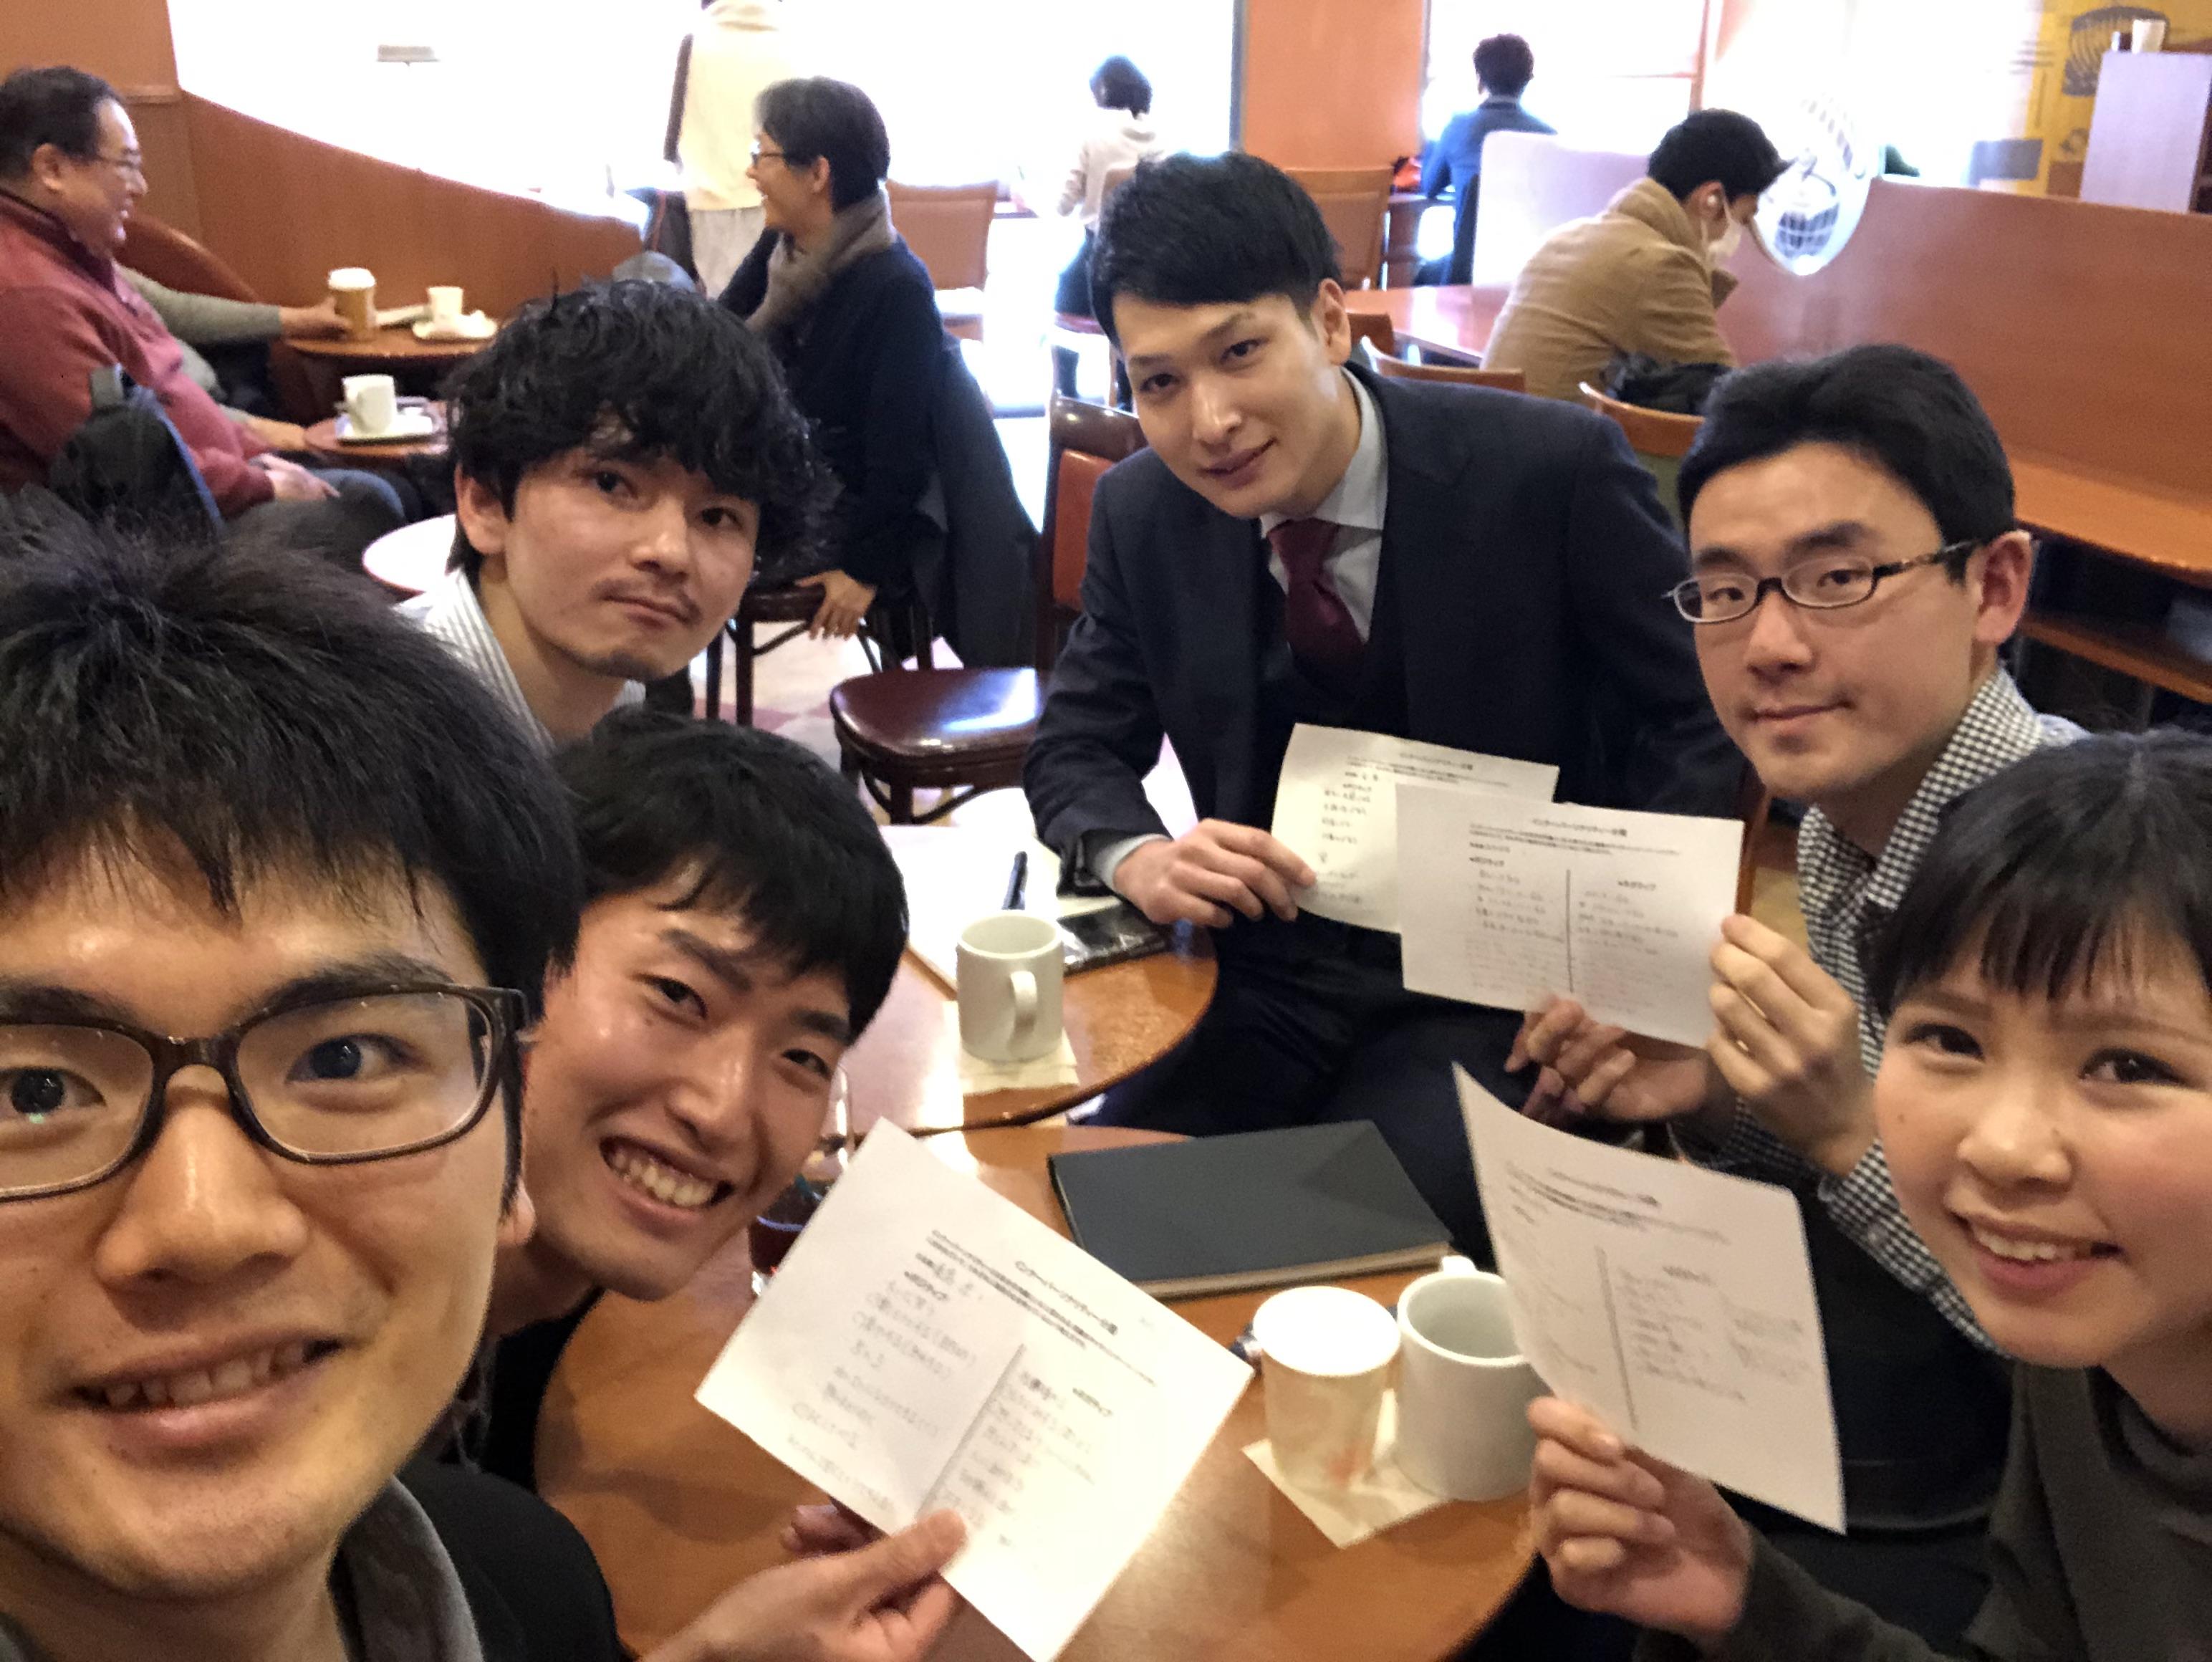 2020年2月8日 第8回目の自己分析セミナー東京